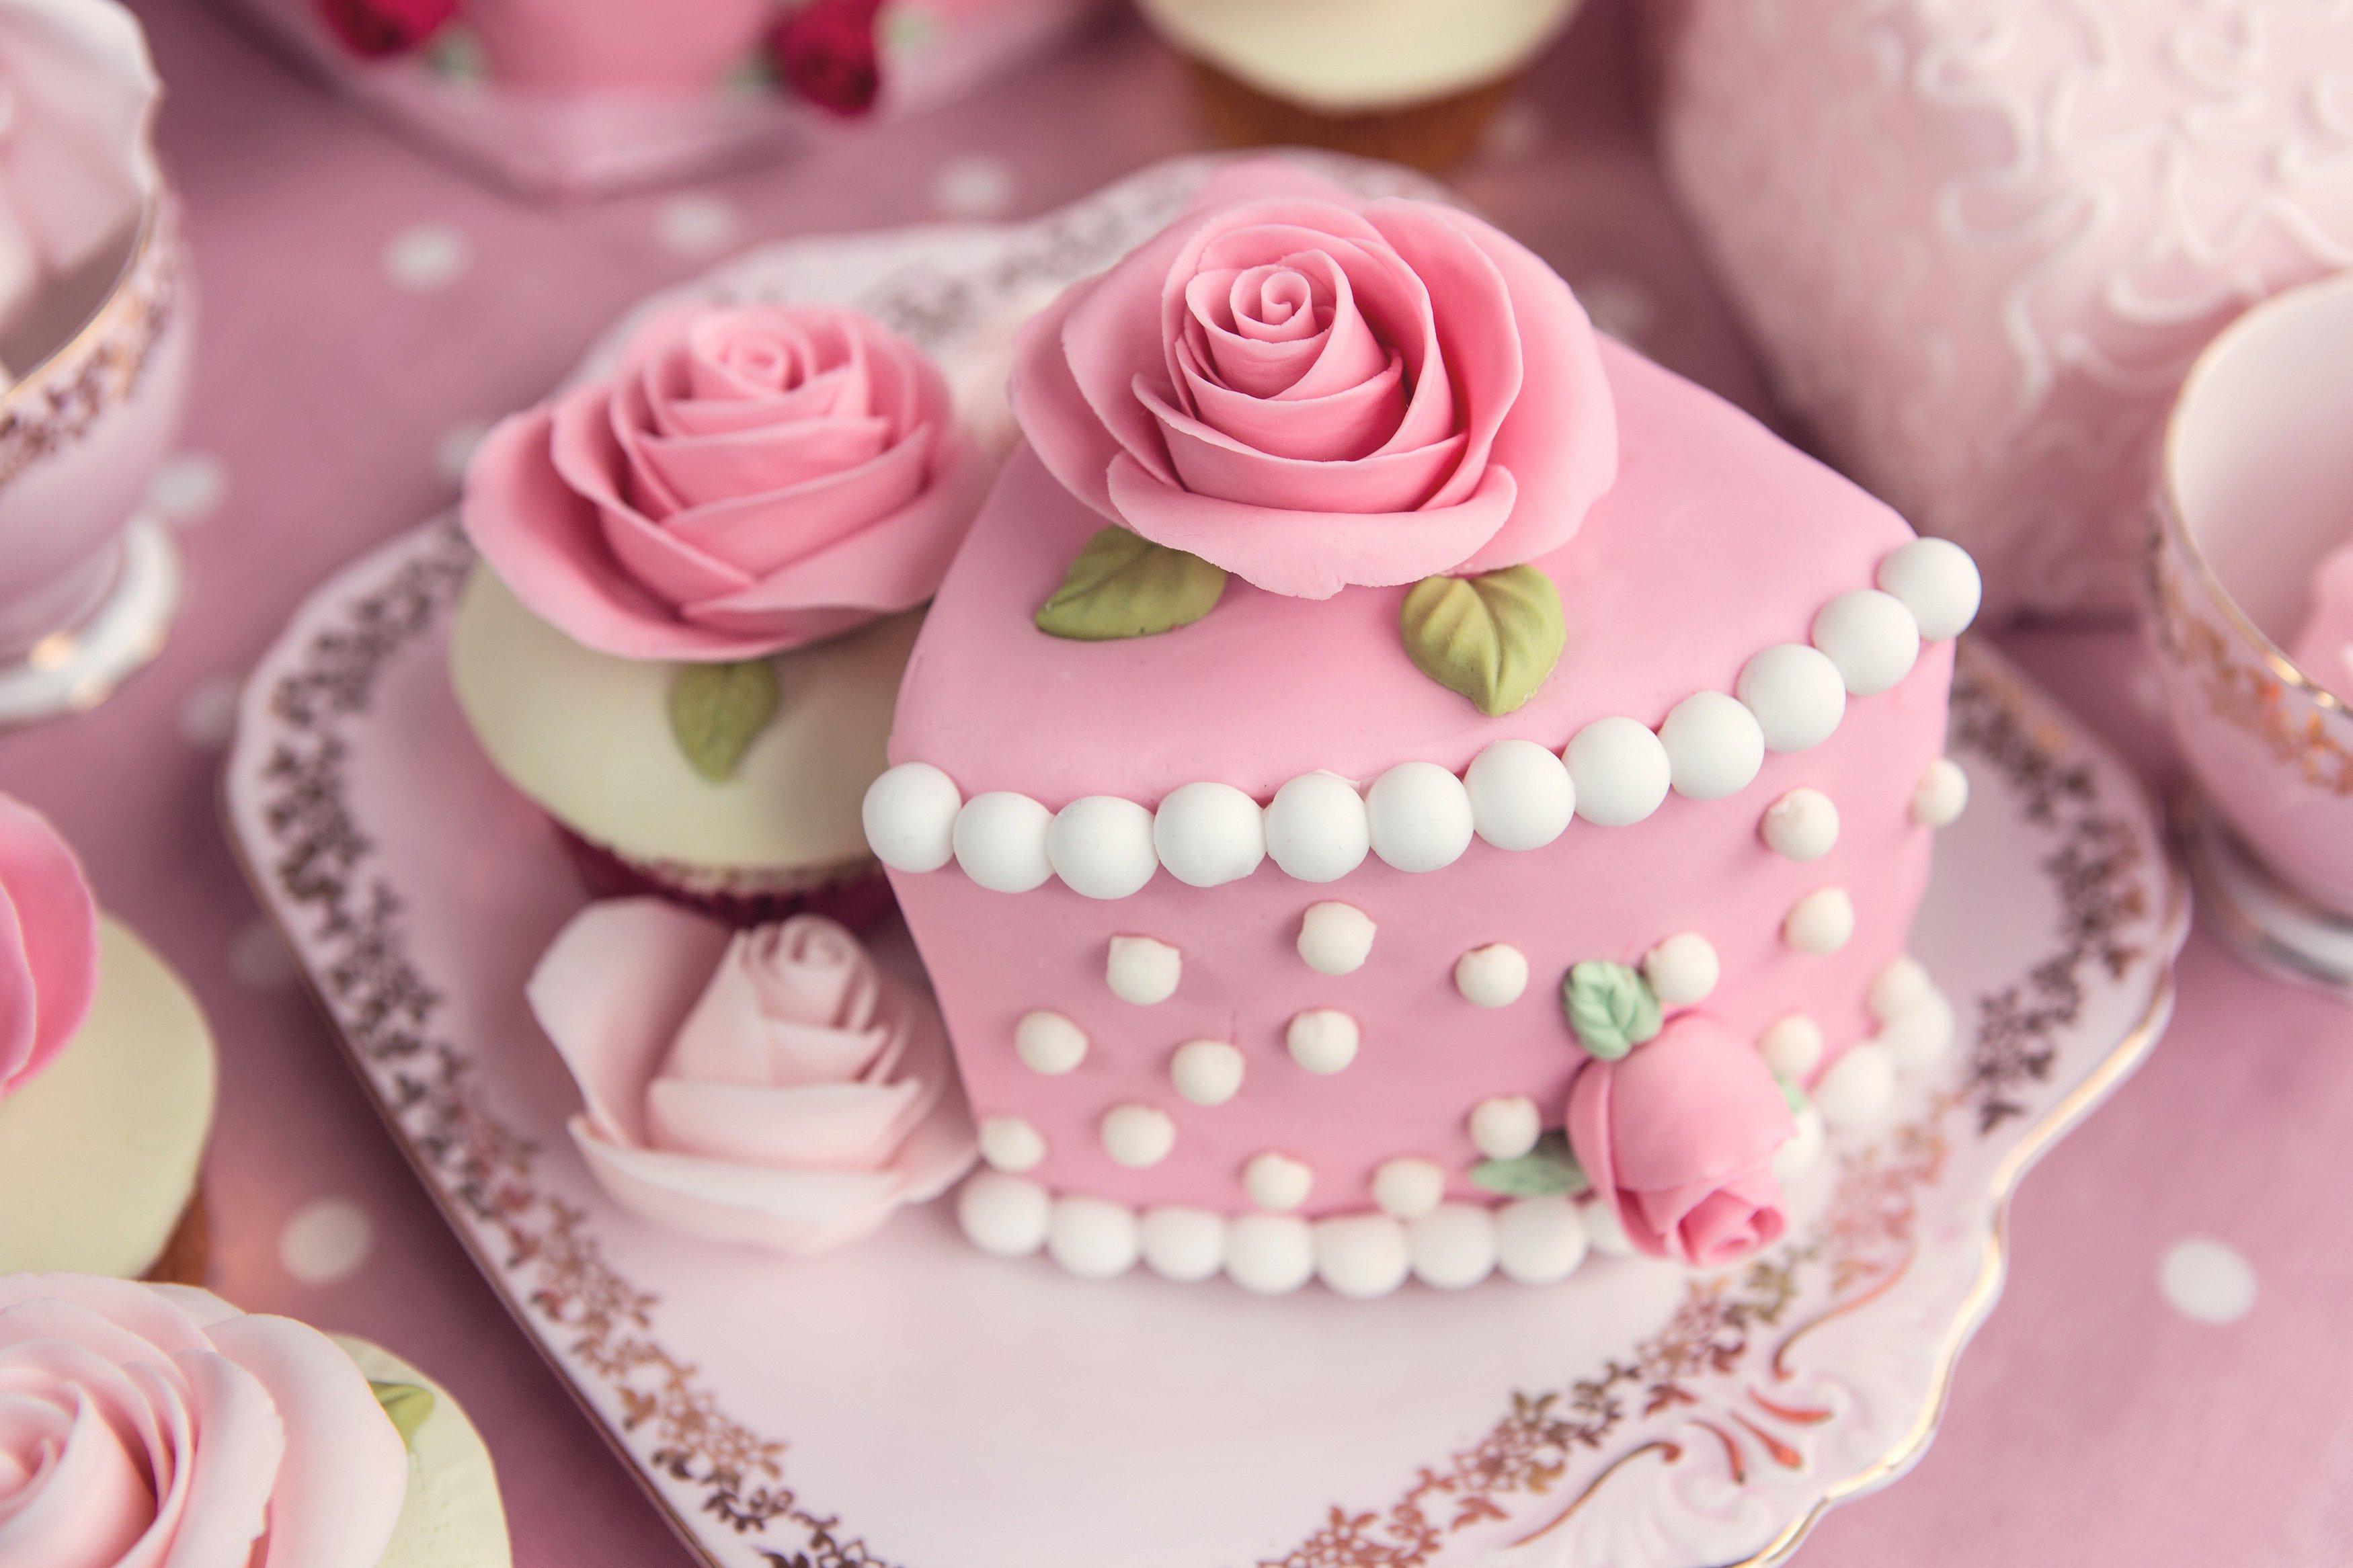 100x100_404213GJJq_cath-kidston-inspired-cakes.jpg